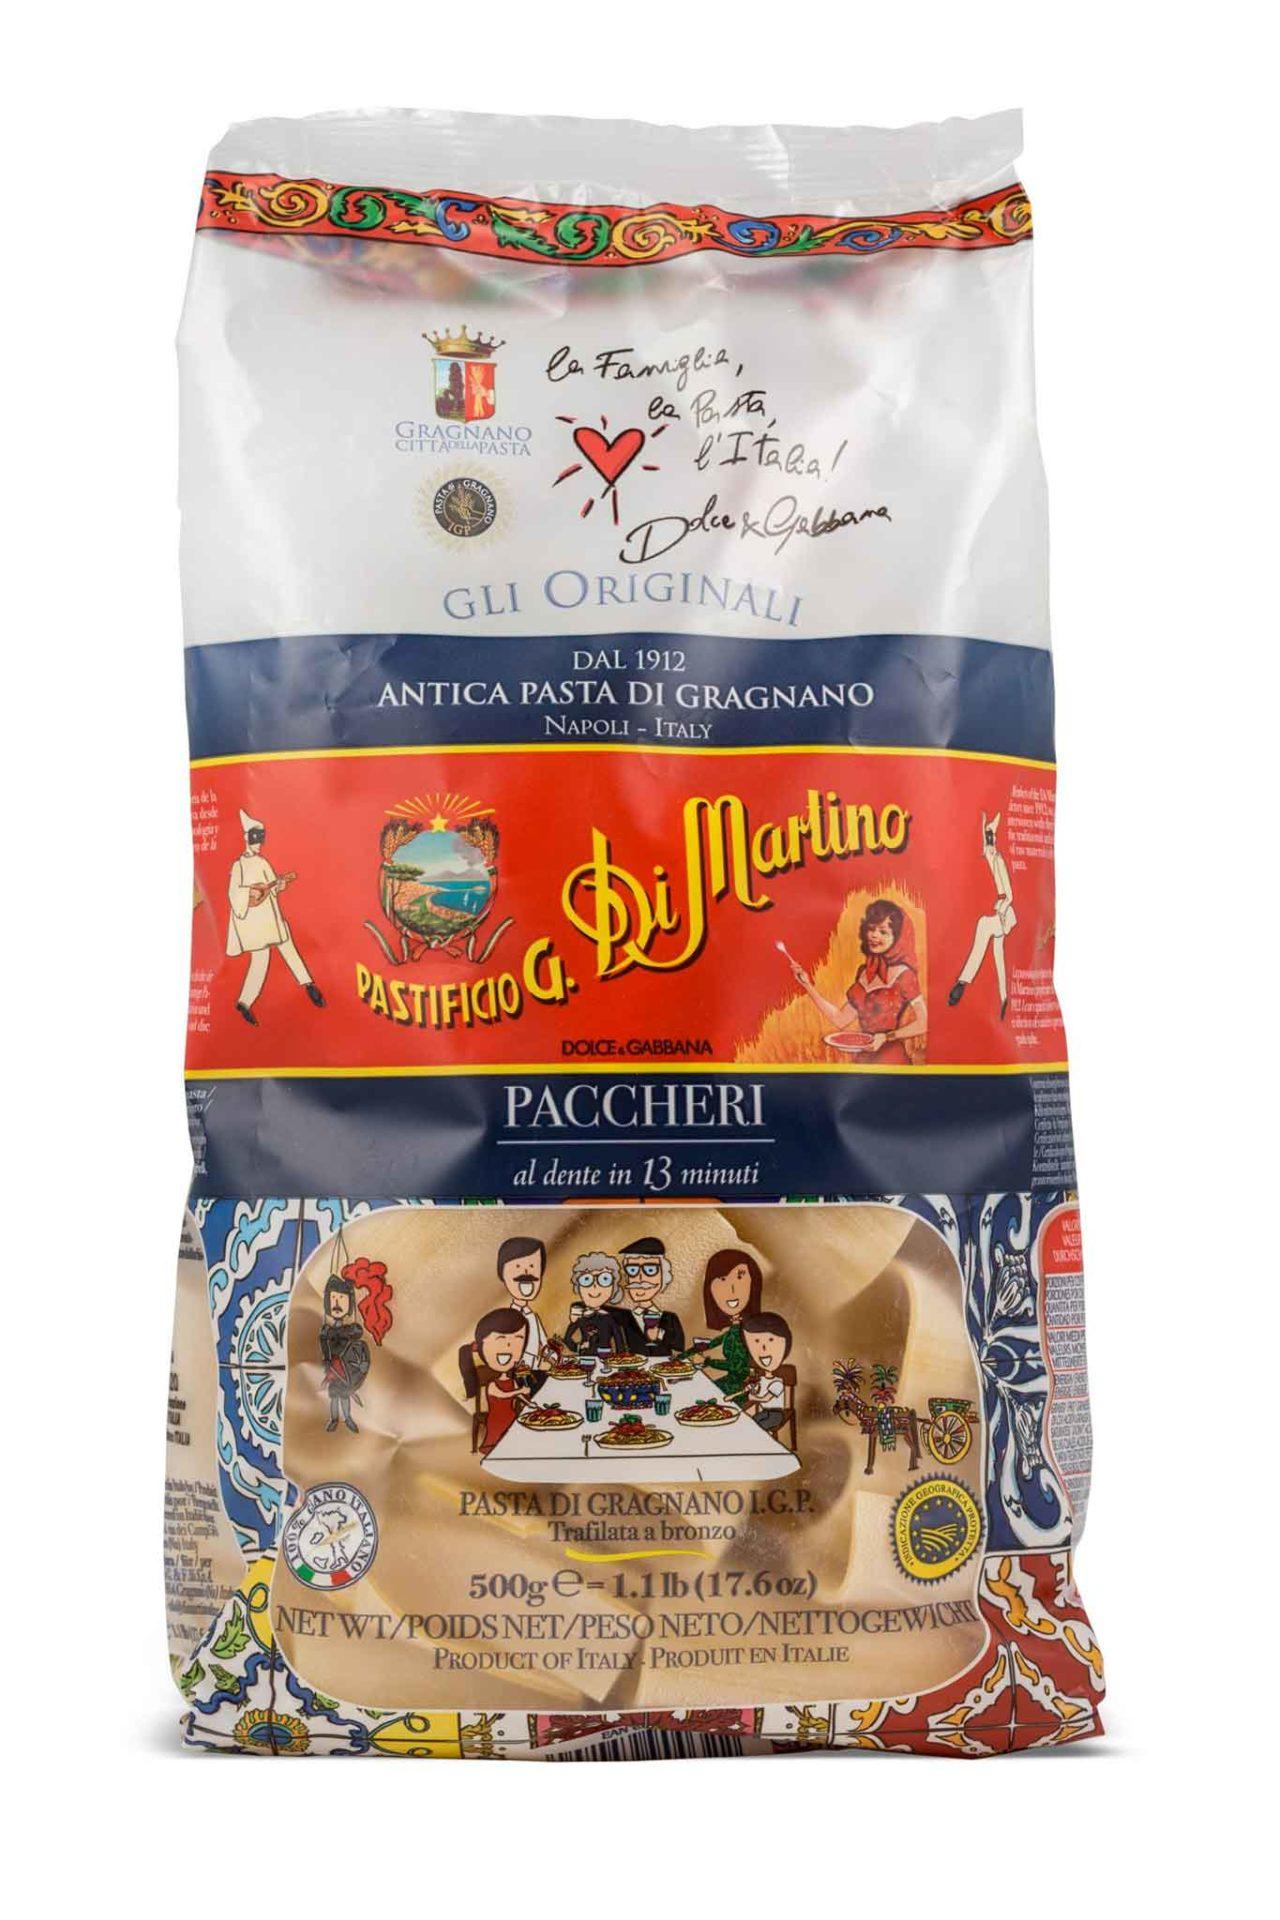 Pasta migliore al supermercato paccheri Di Martino